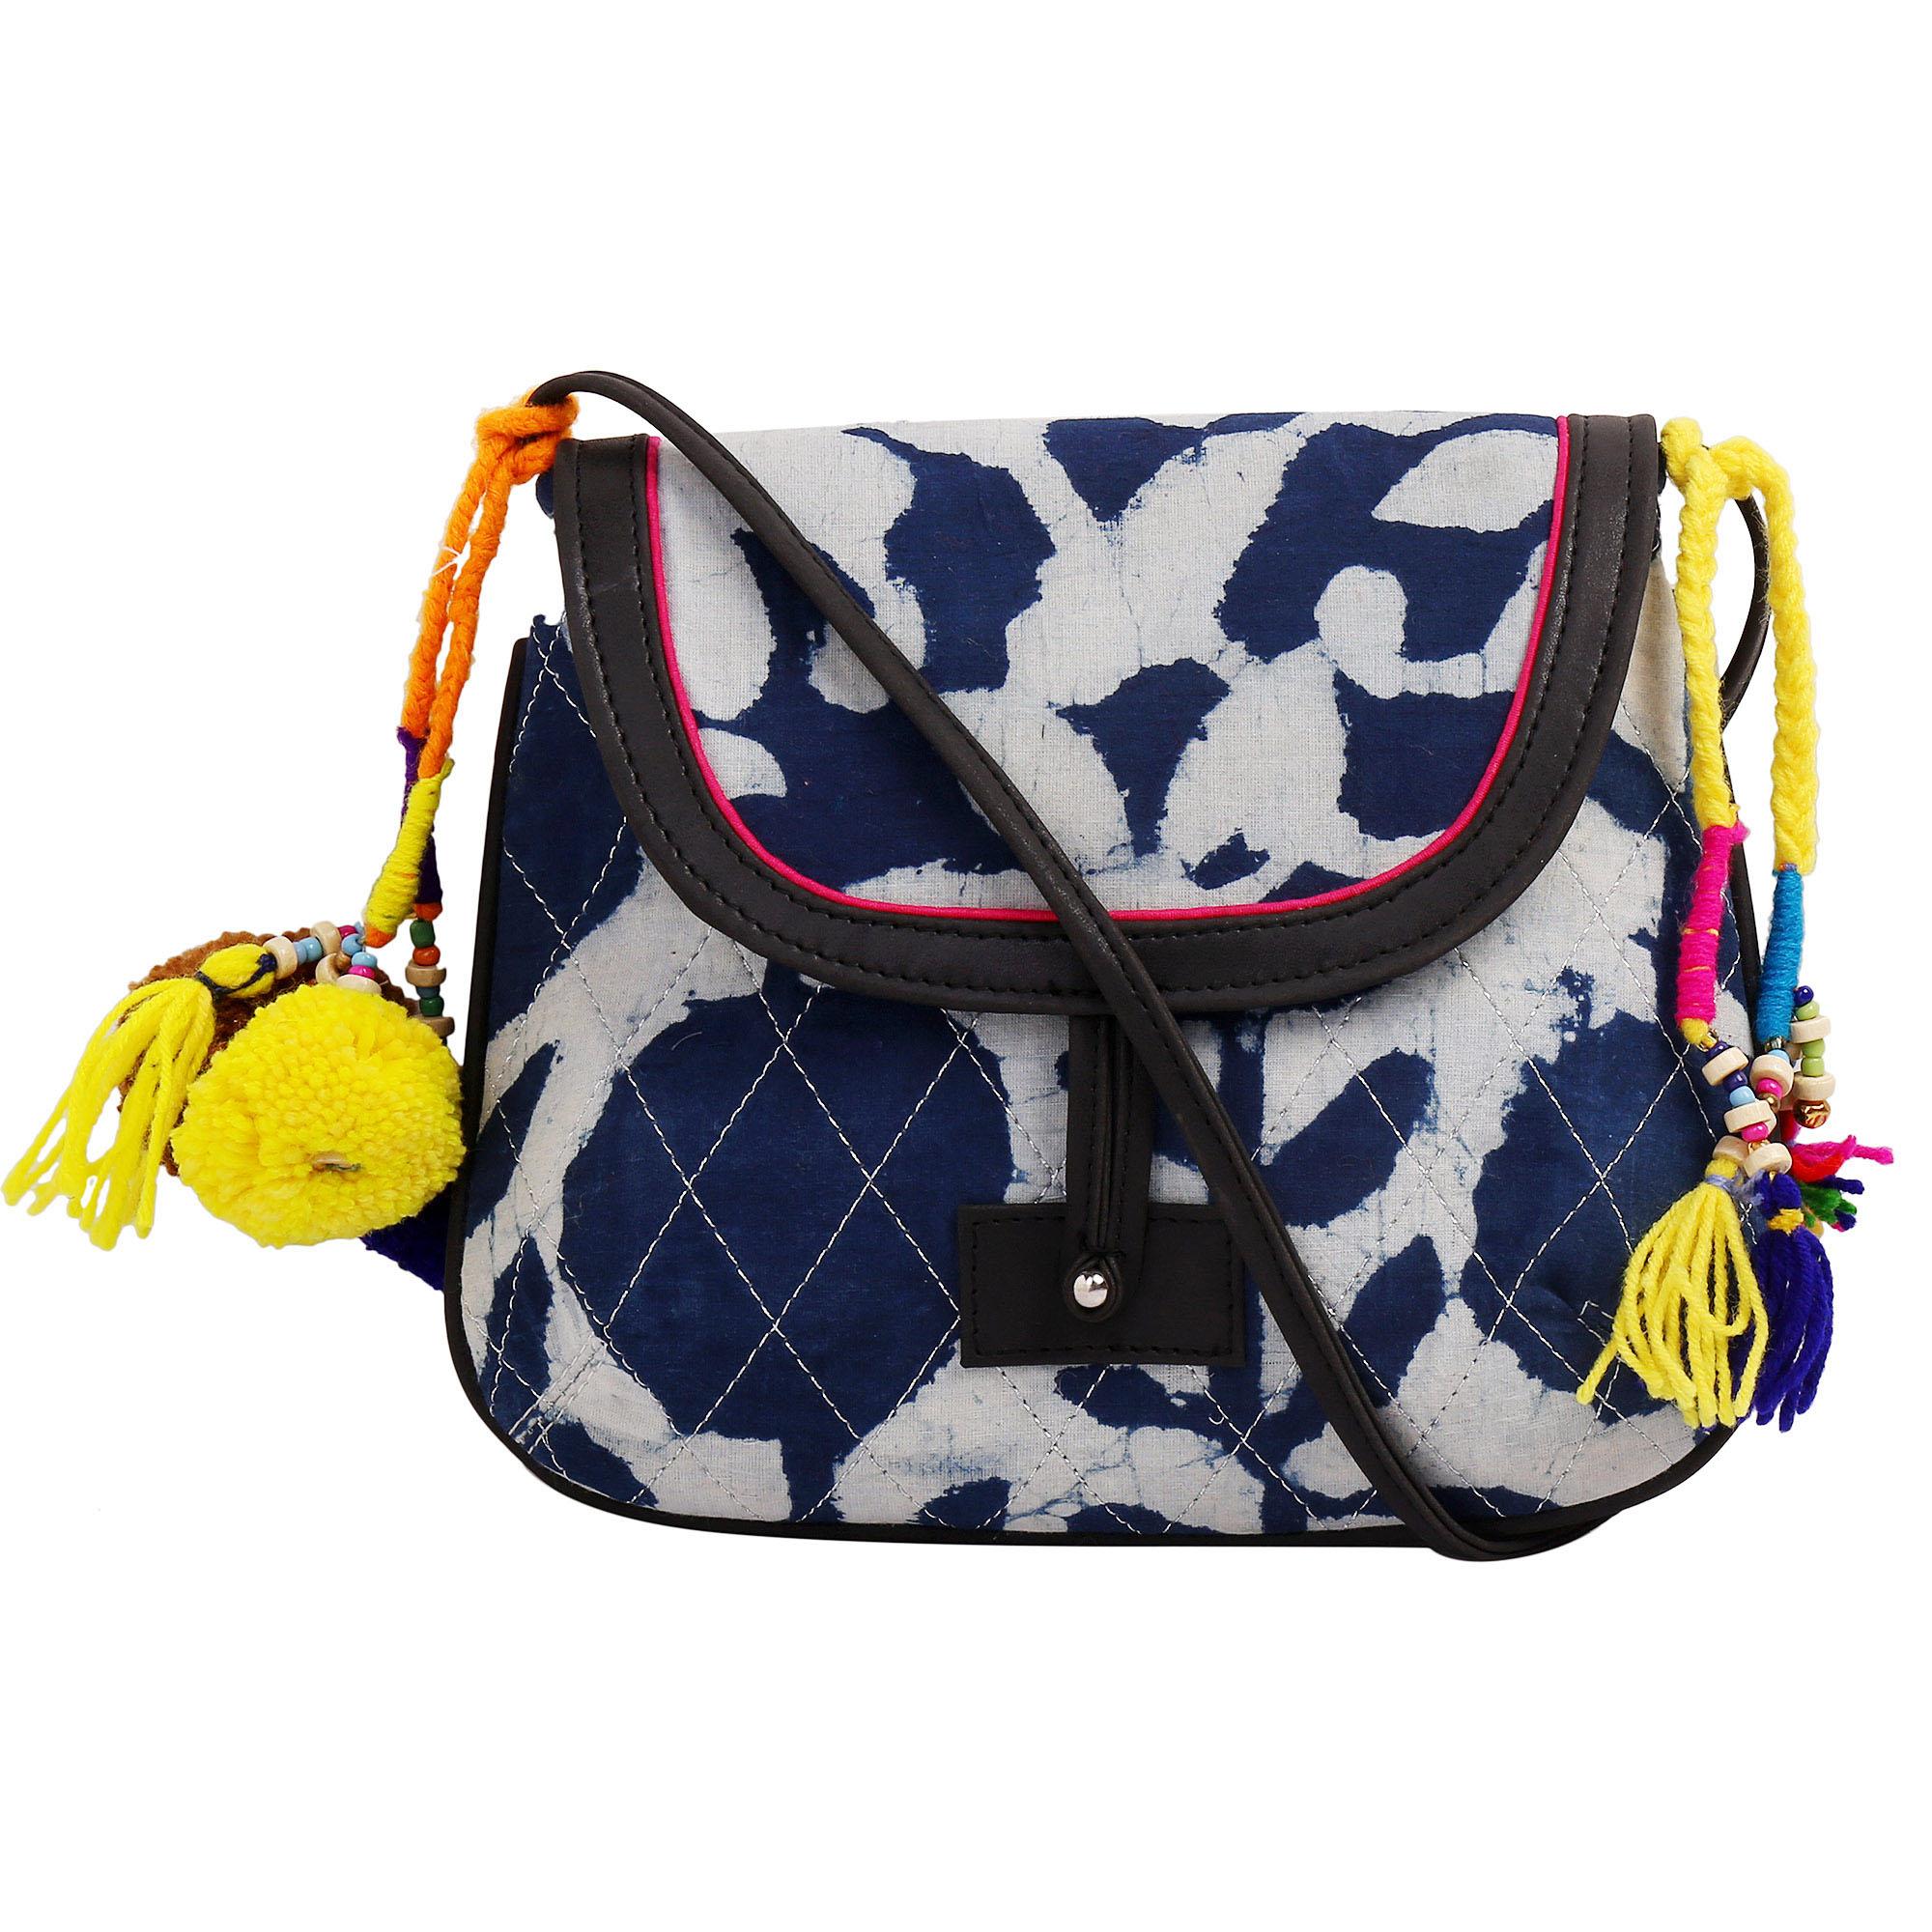 Fabric Vegan Sling Bags_2